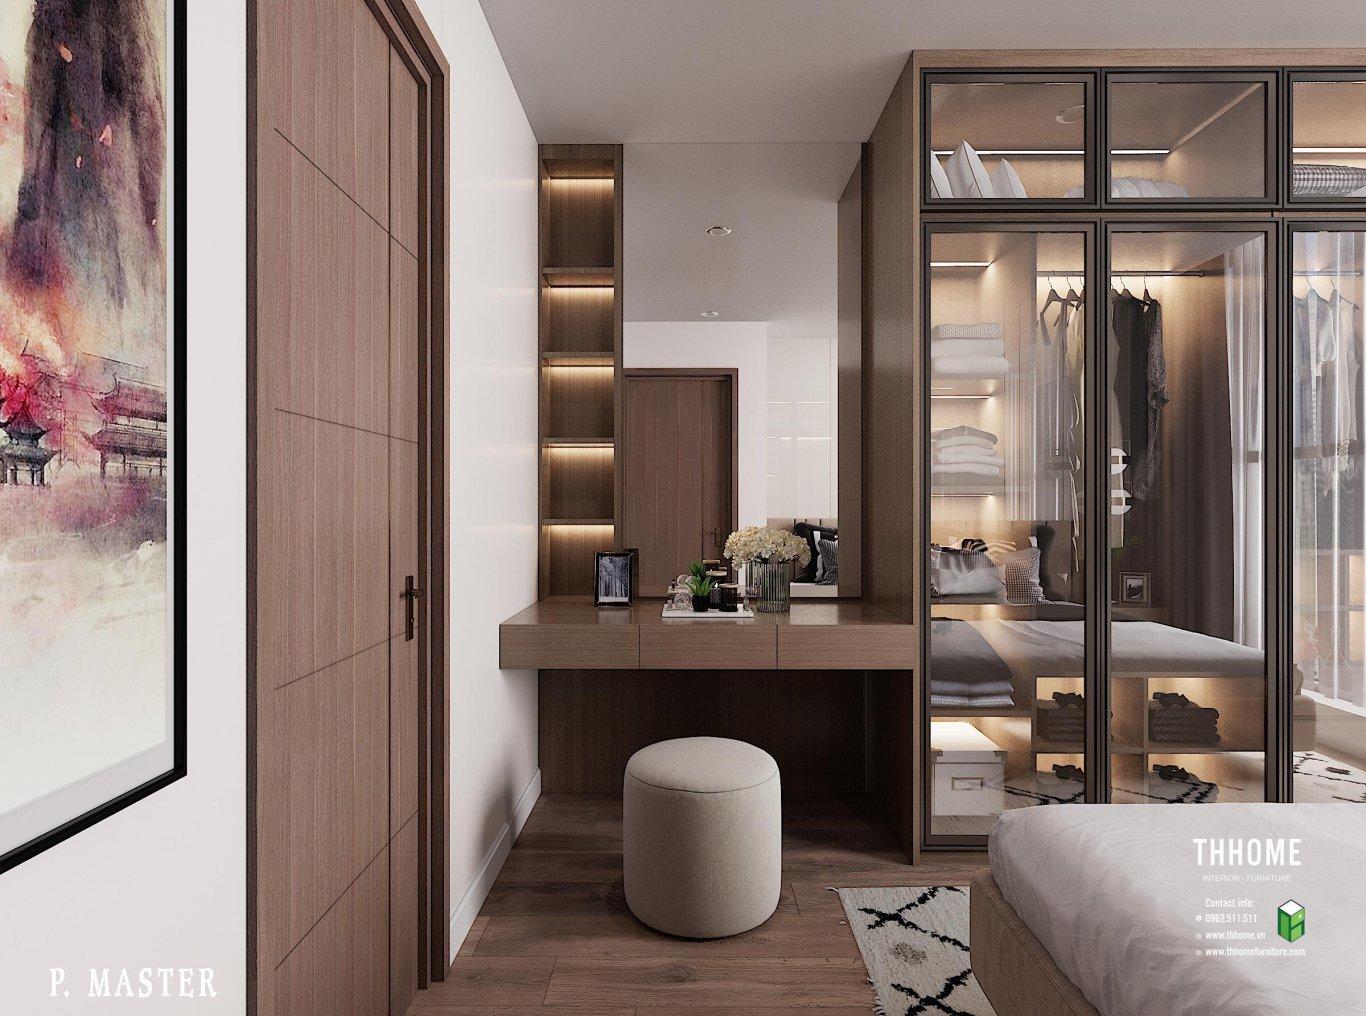 Các phòng ngủ đều được trang bị đầy đủ các đồ dùng sinh hoạt cần thiết